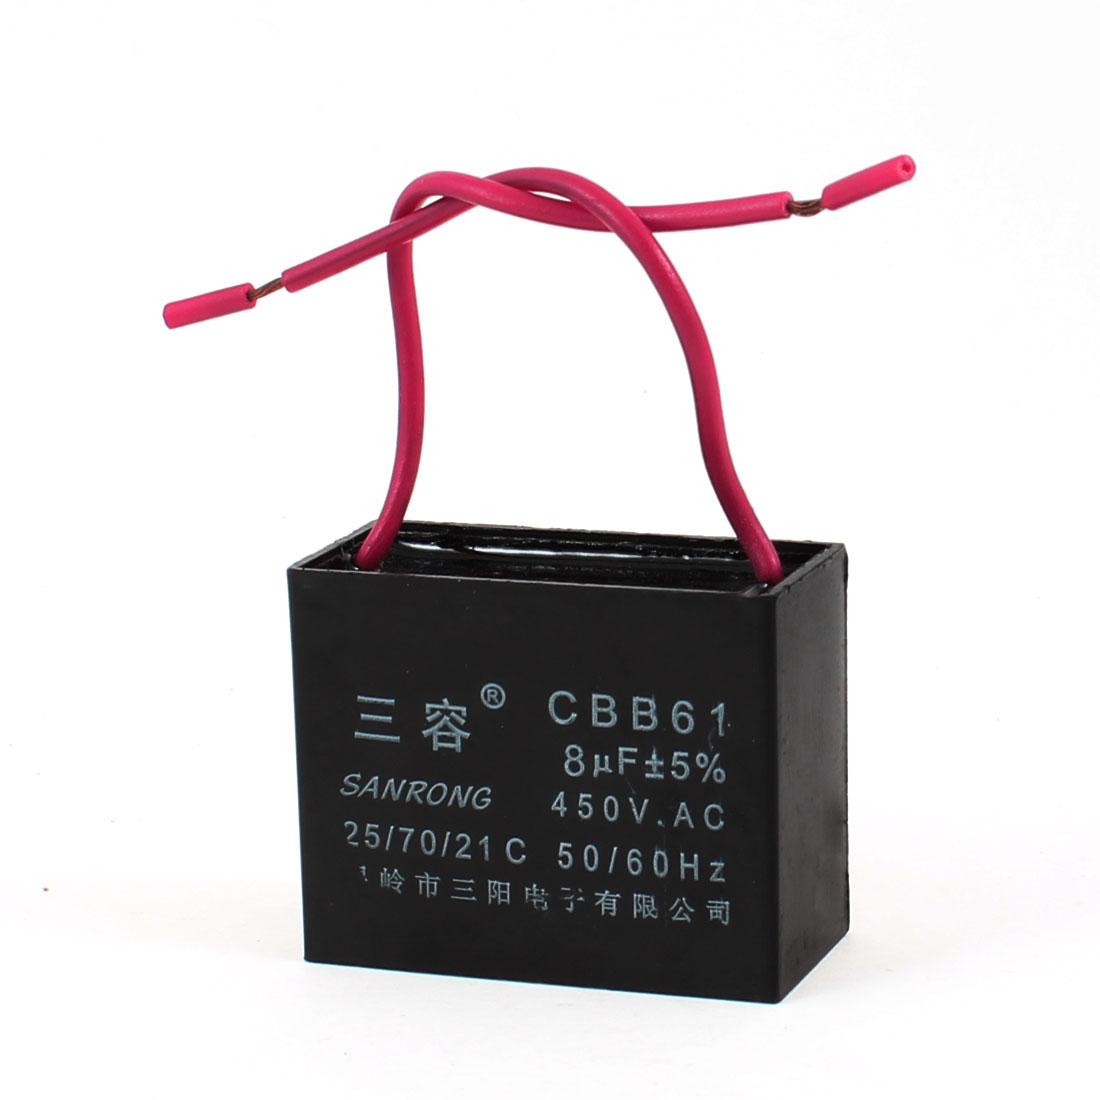 CBB61 8uF AC 450V Rectangle Non Polar Motor Run Capacitor